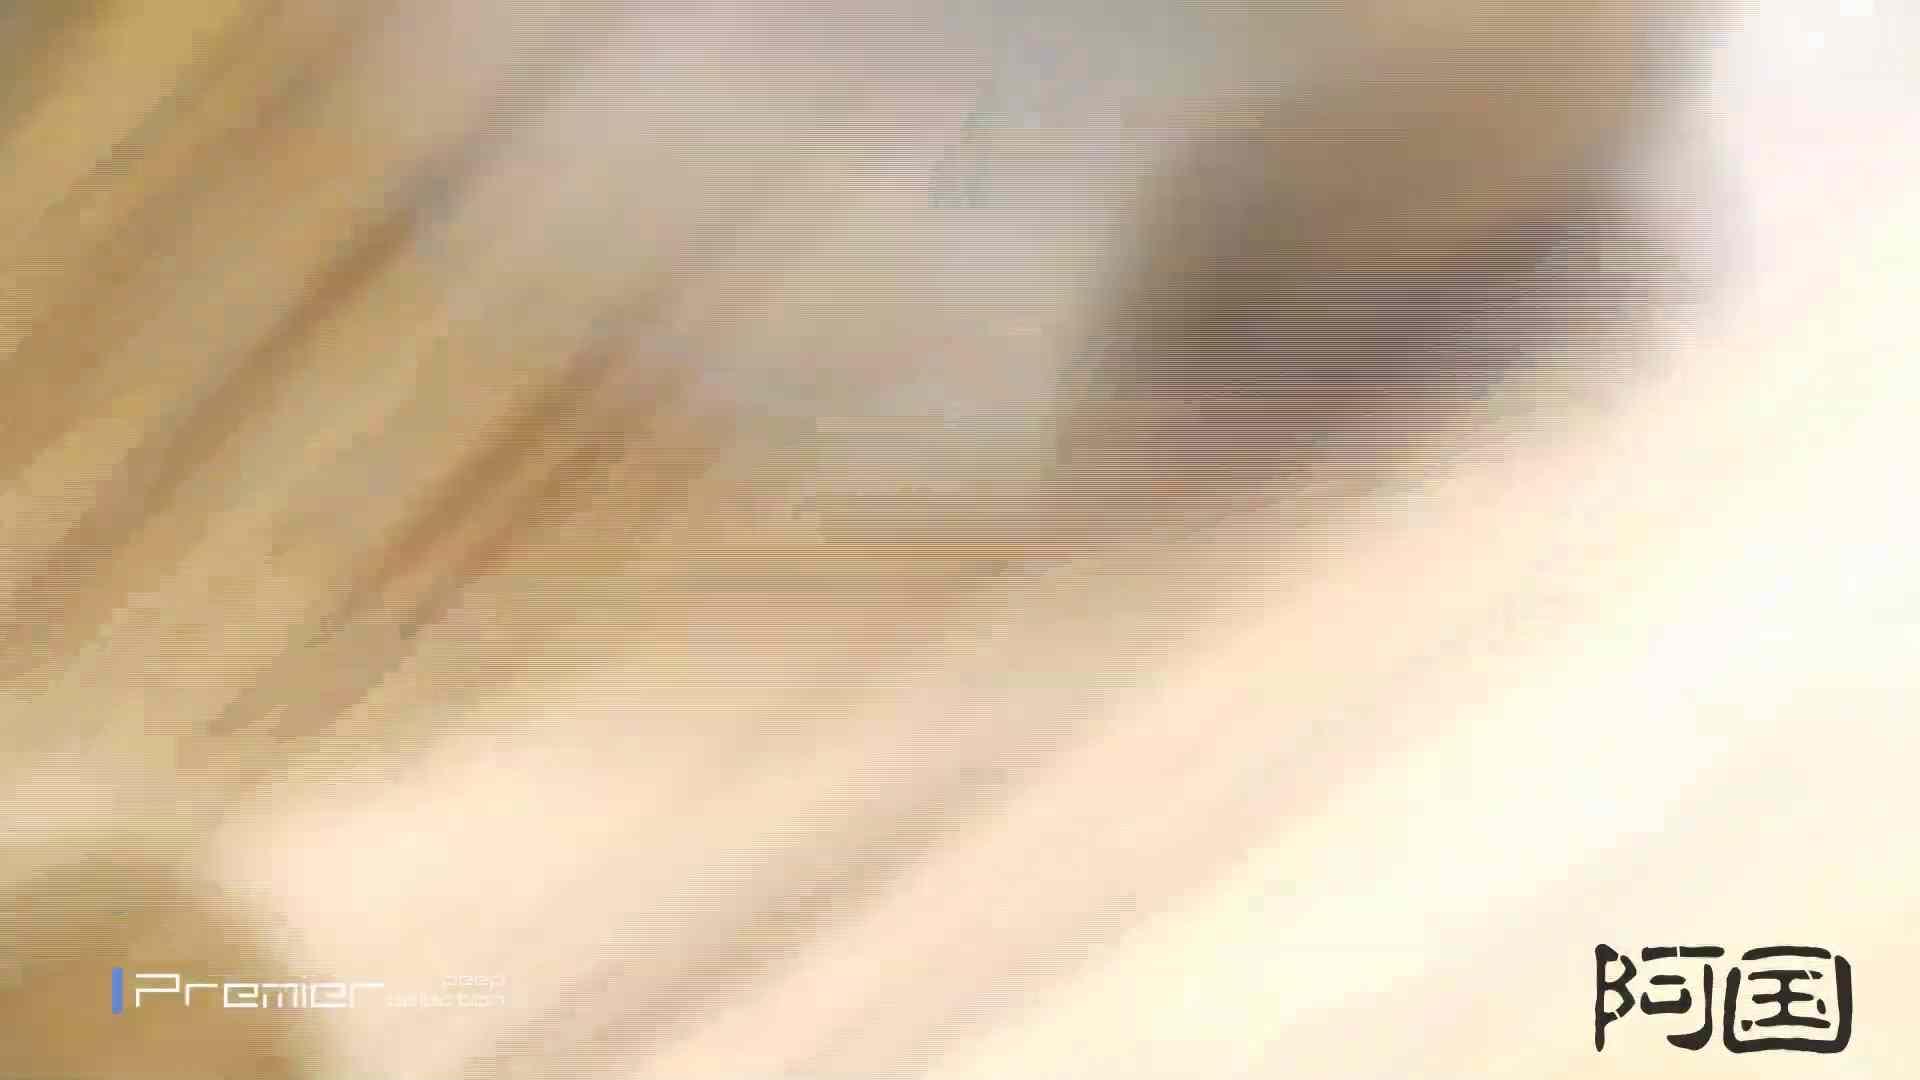 和式洋式七変化 Vol.34 最終作、 シリーズ最高の美人登場 和式 SEX無修正画像 91pic 83